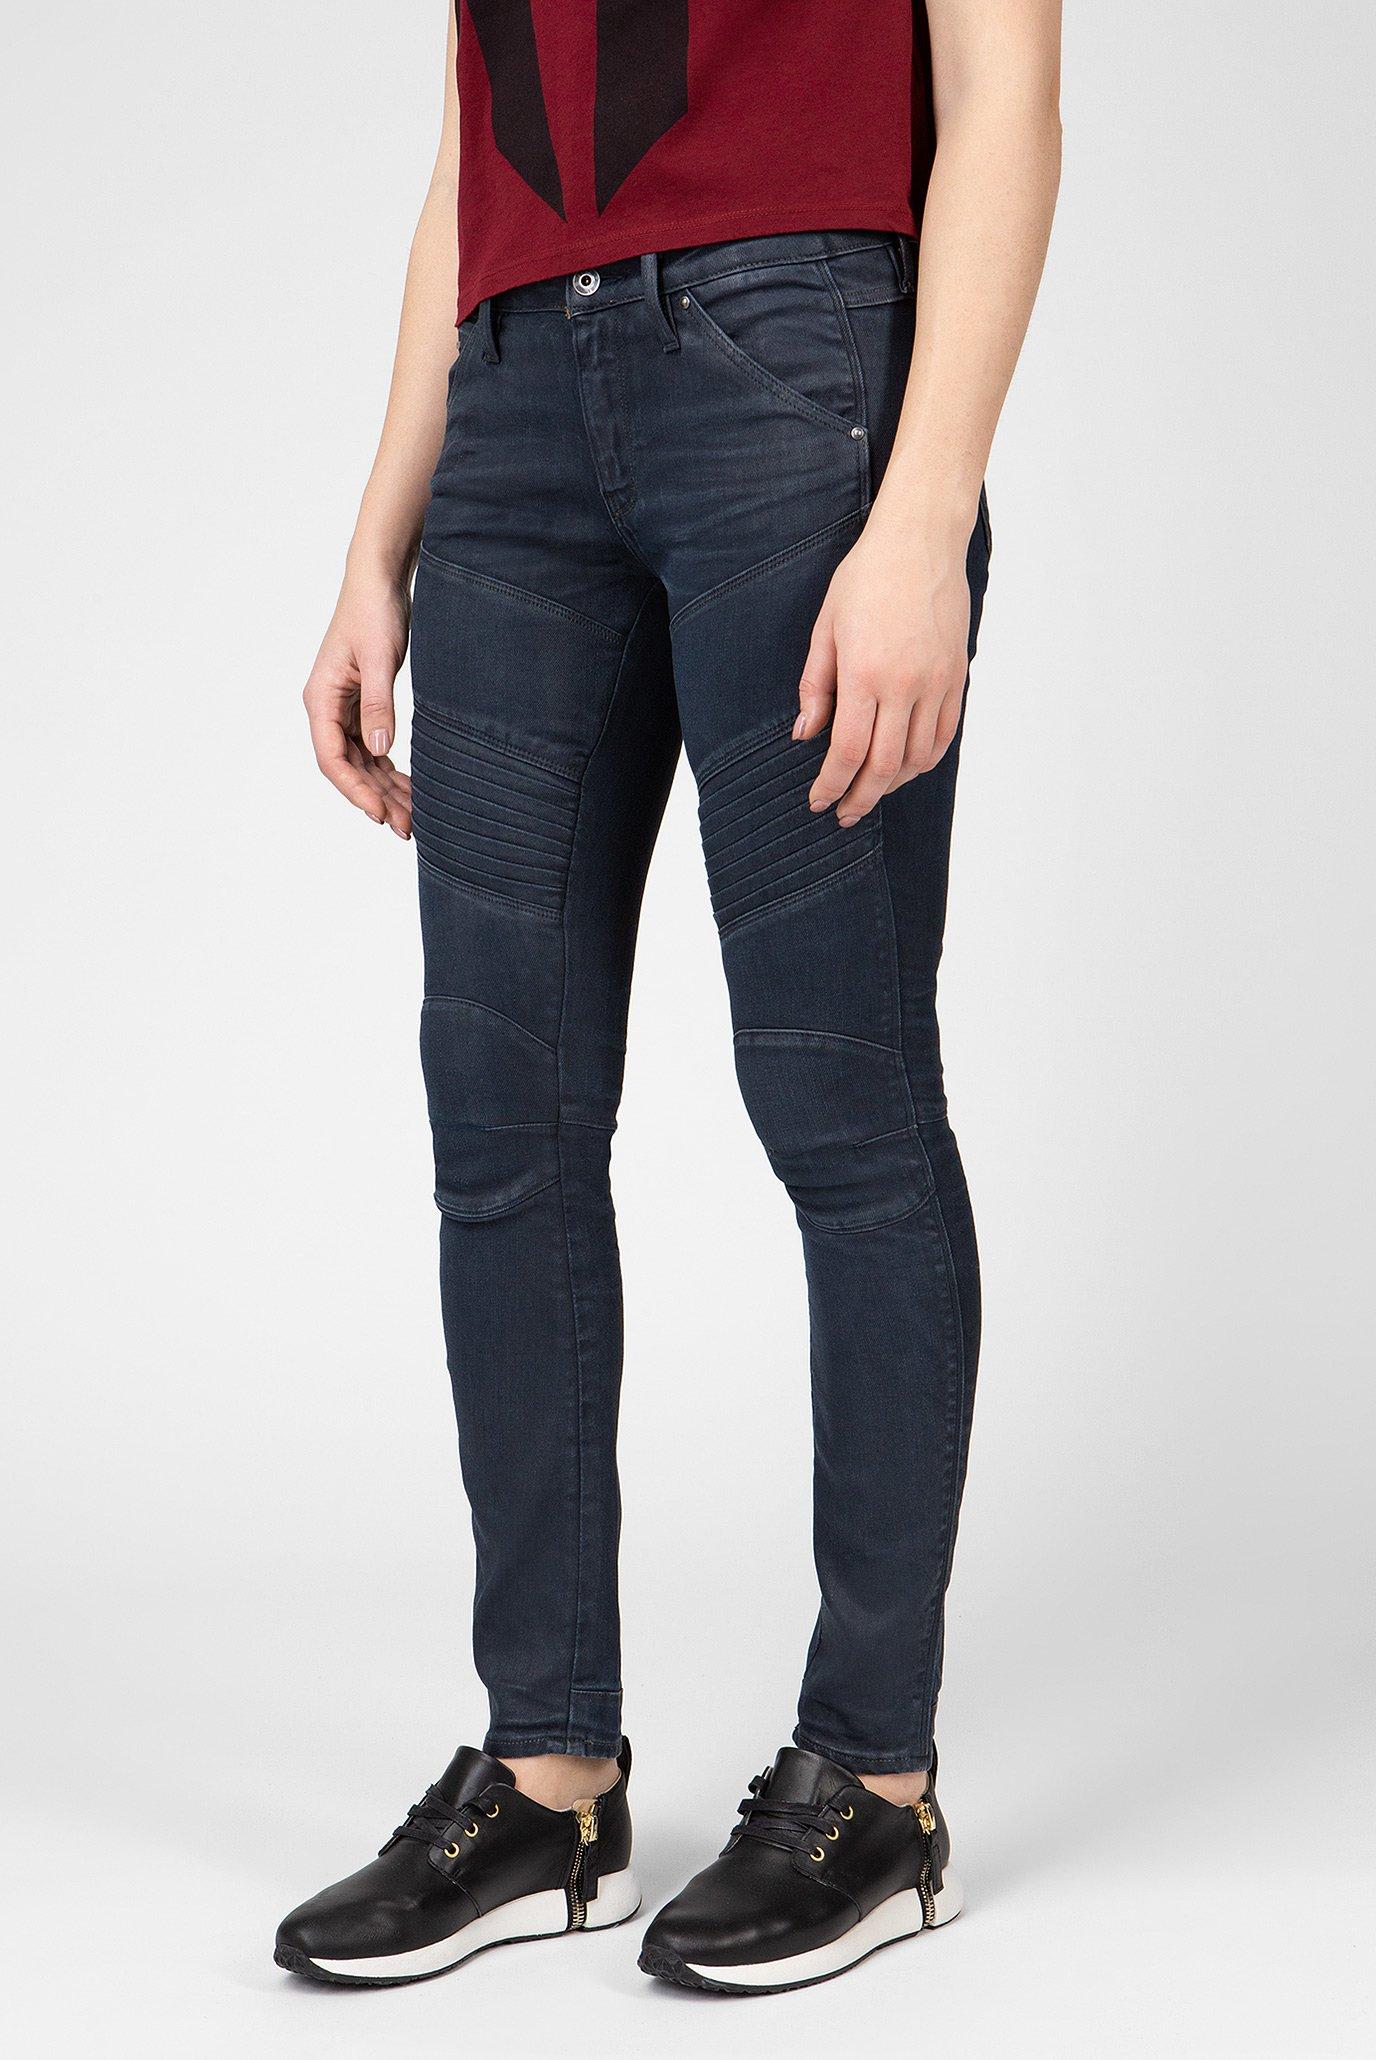 Купить Женские темно-синие джинсы 5620 G-Star RAW G-Star RAW 60907,8968 – Киев, Украина. Цены в интернет магазине MD Fashion